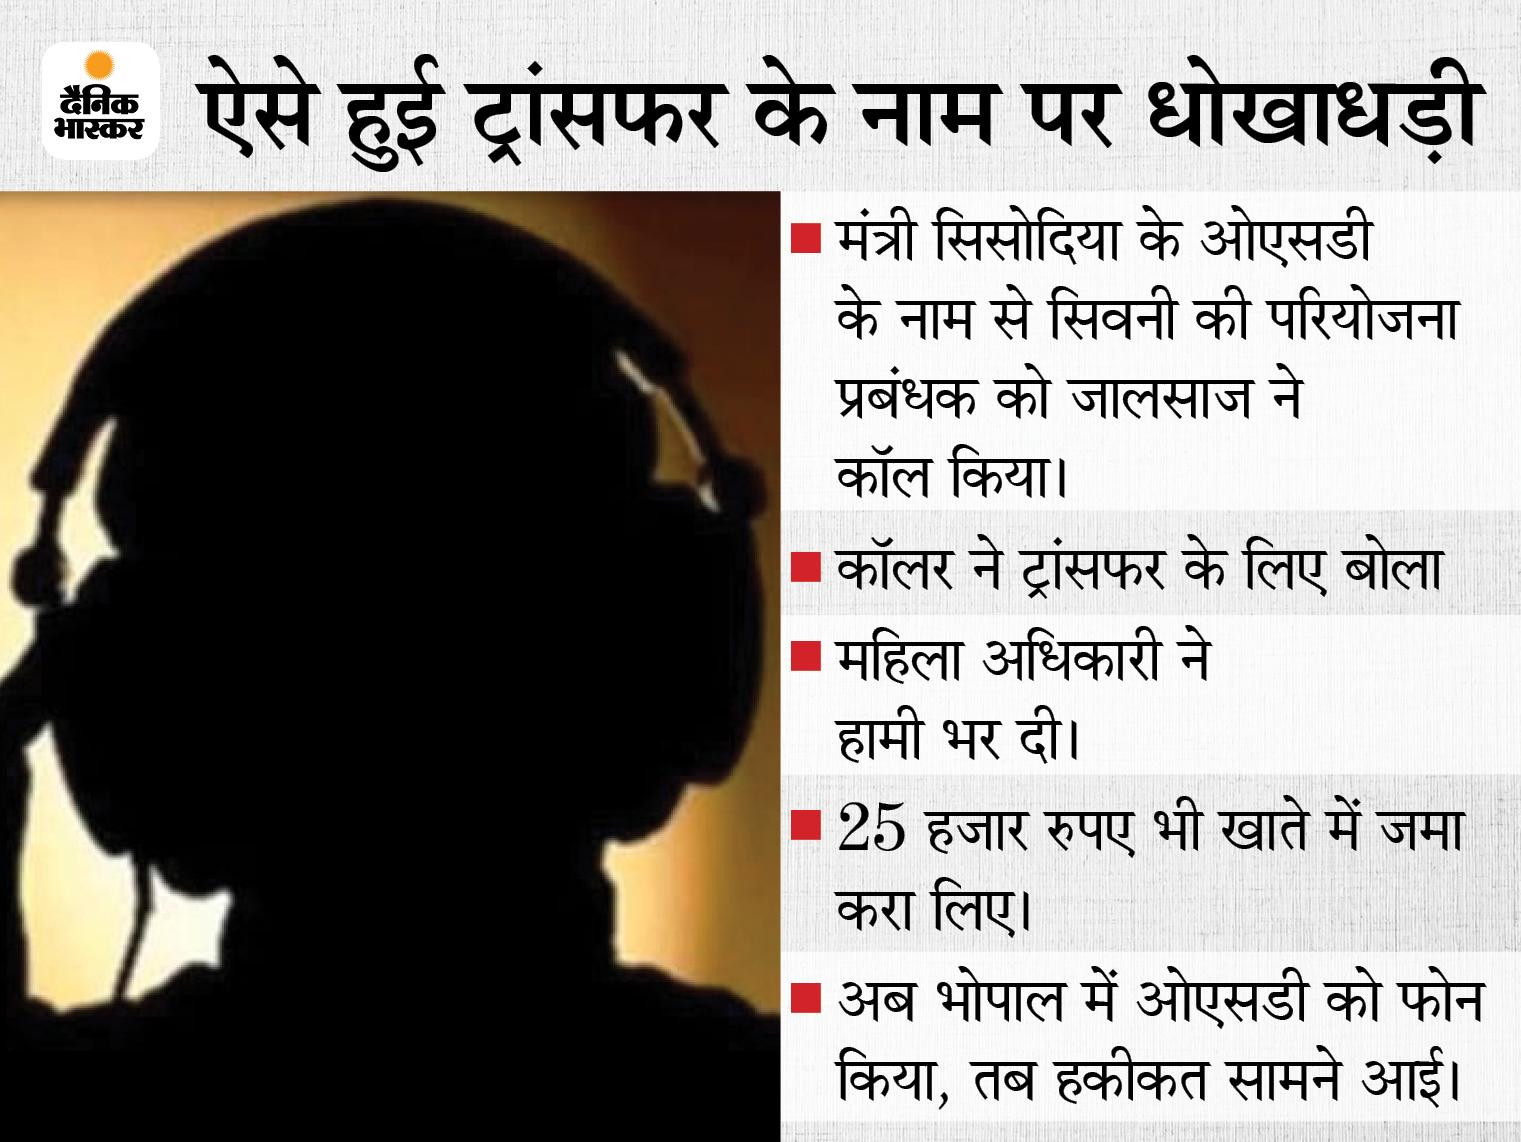 जालसाज ने सिवनी की महिला अधिकारी को फोन कर कहा- ट्रांसफर चाहती हैं, तो 25 हजार रुपए जमा करा दो; पैसे खाते में डालते ही फोन बंद|मध्य प्रदेश,Madhya Pradesh - Dainik Bhaskar